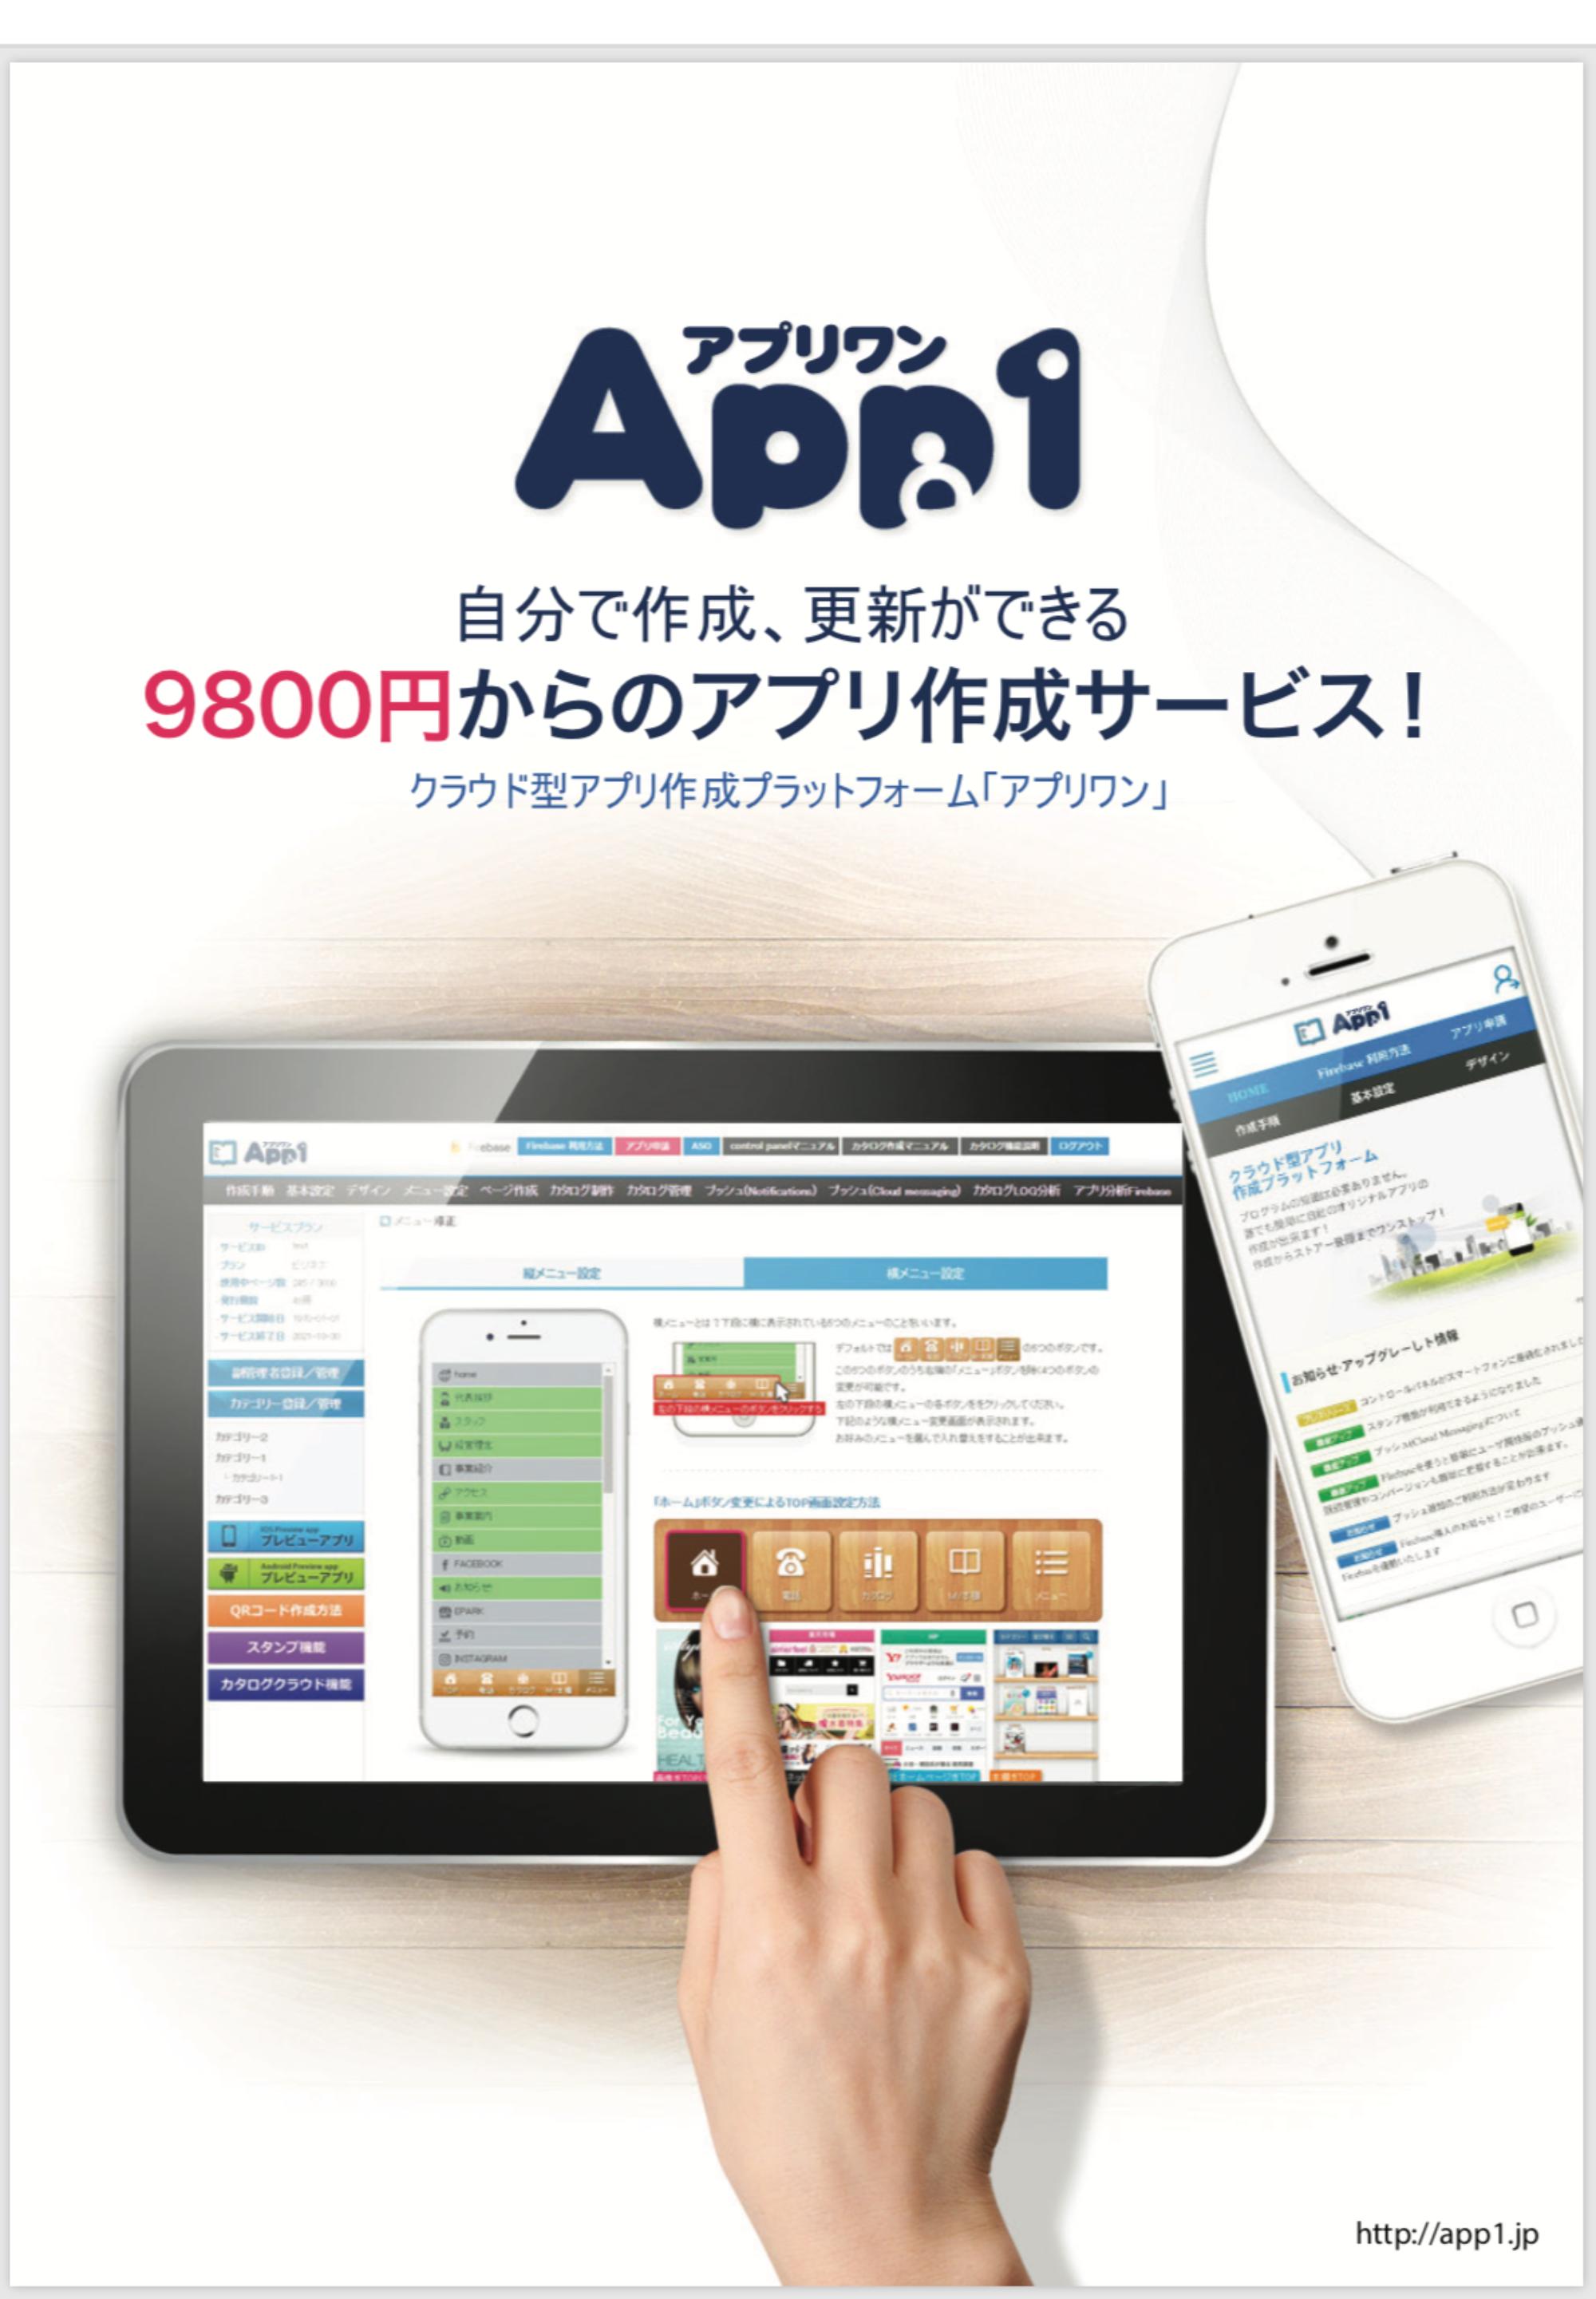 アプリ作成ソフトApp1